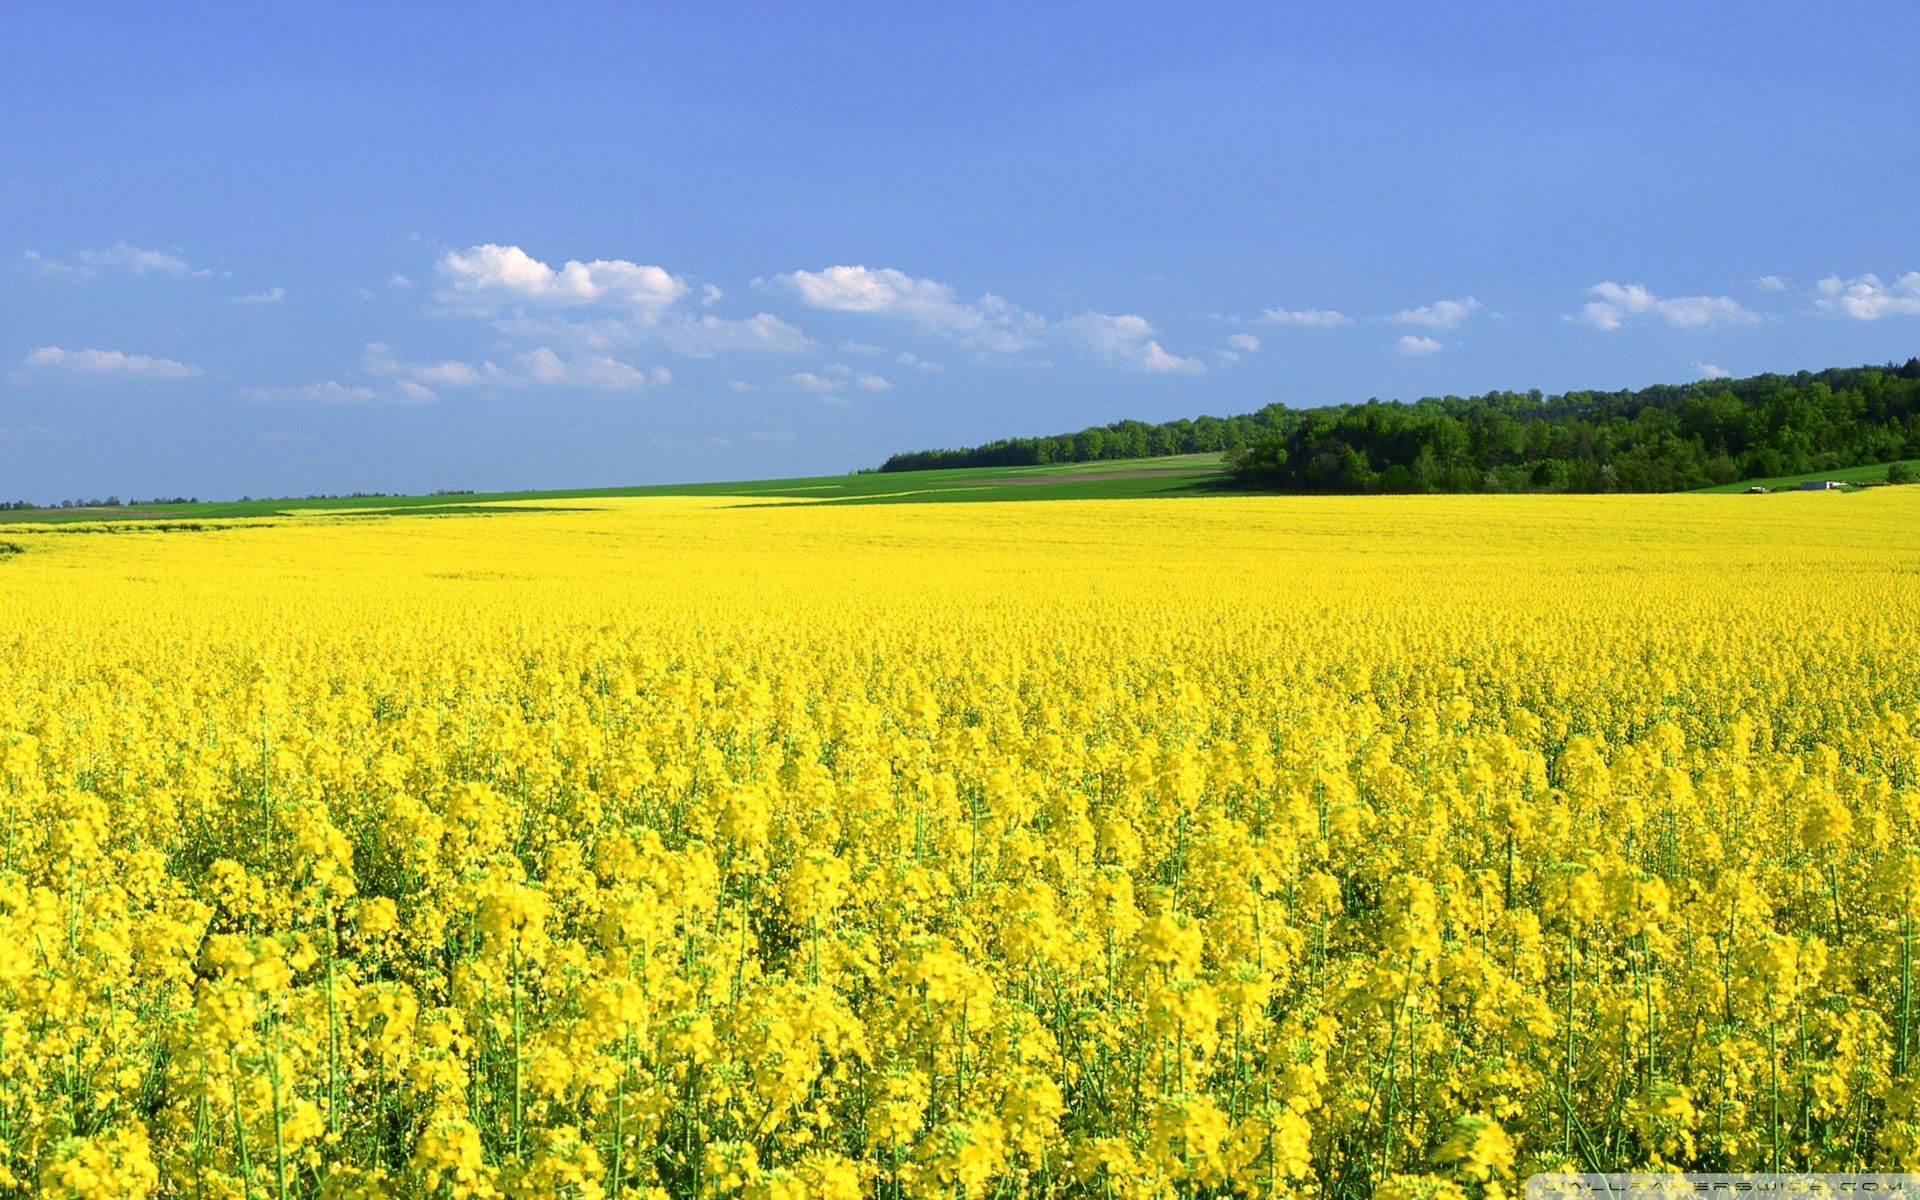 Flower Fields Landscapes Google Search Field Wallpaper Yellow Fields Mustard Flowers